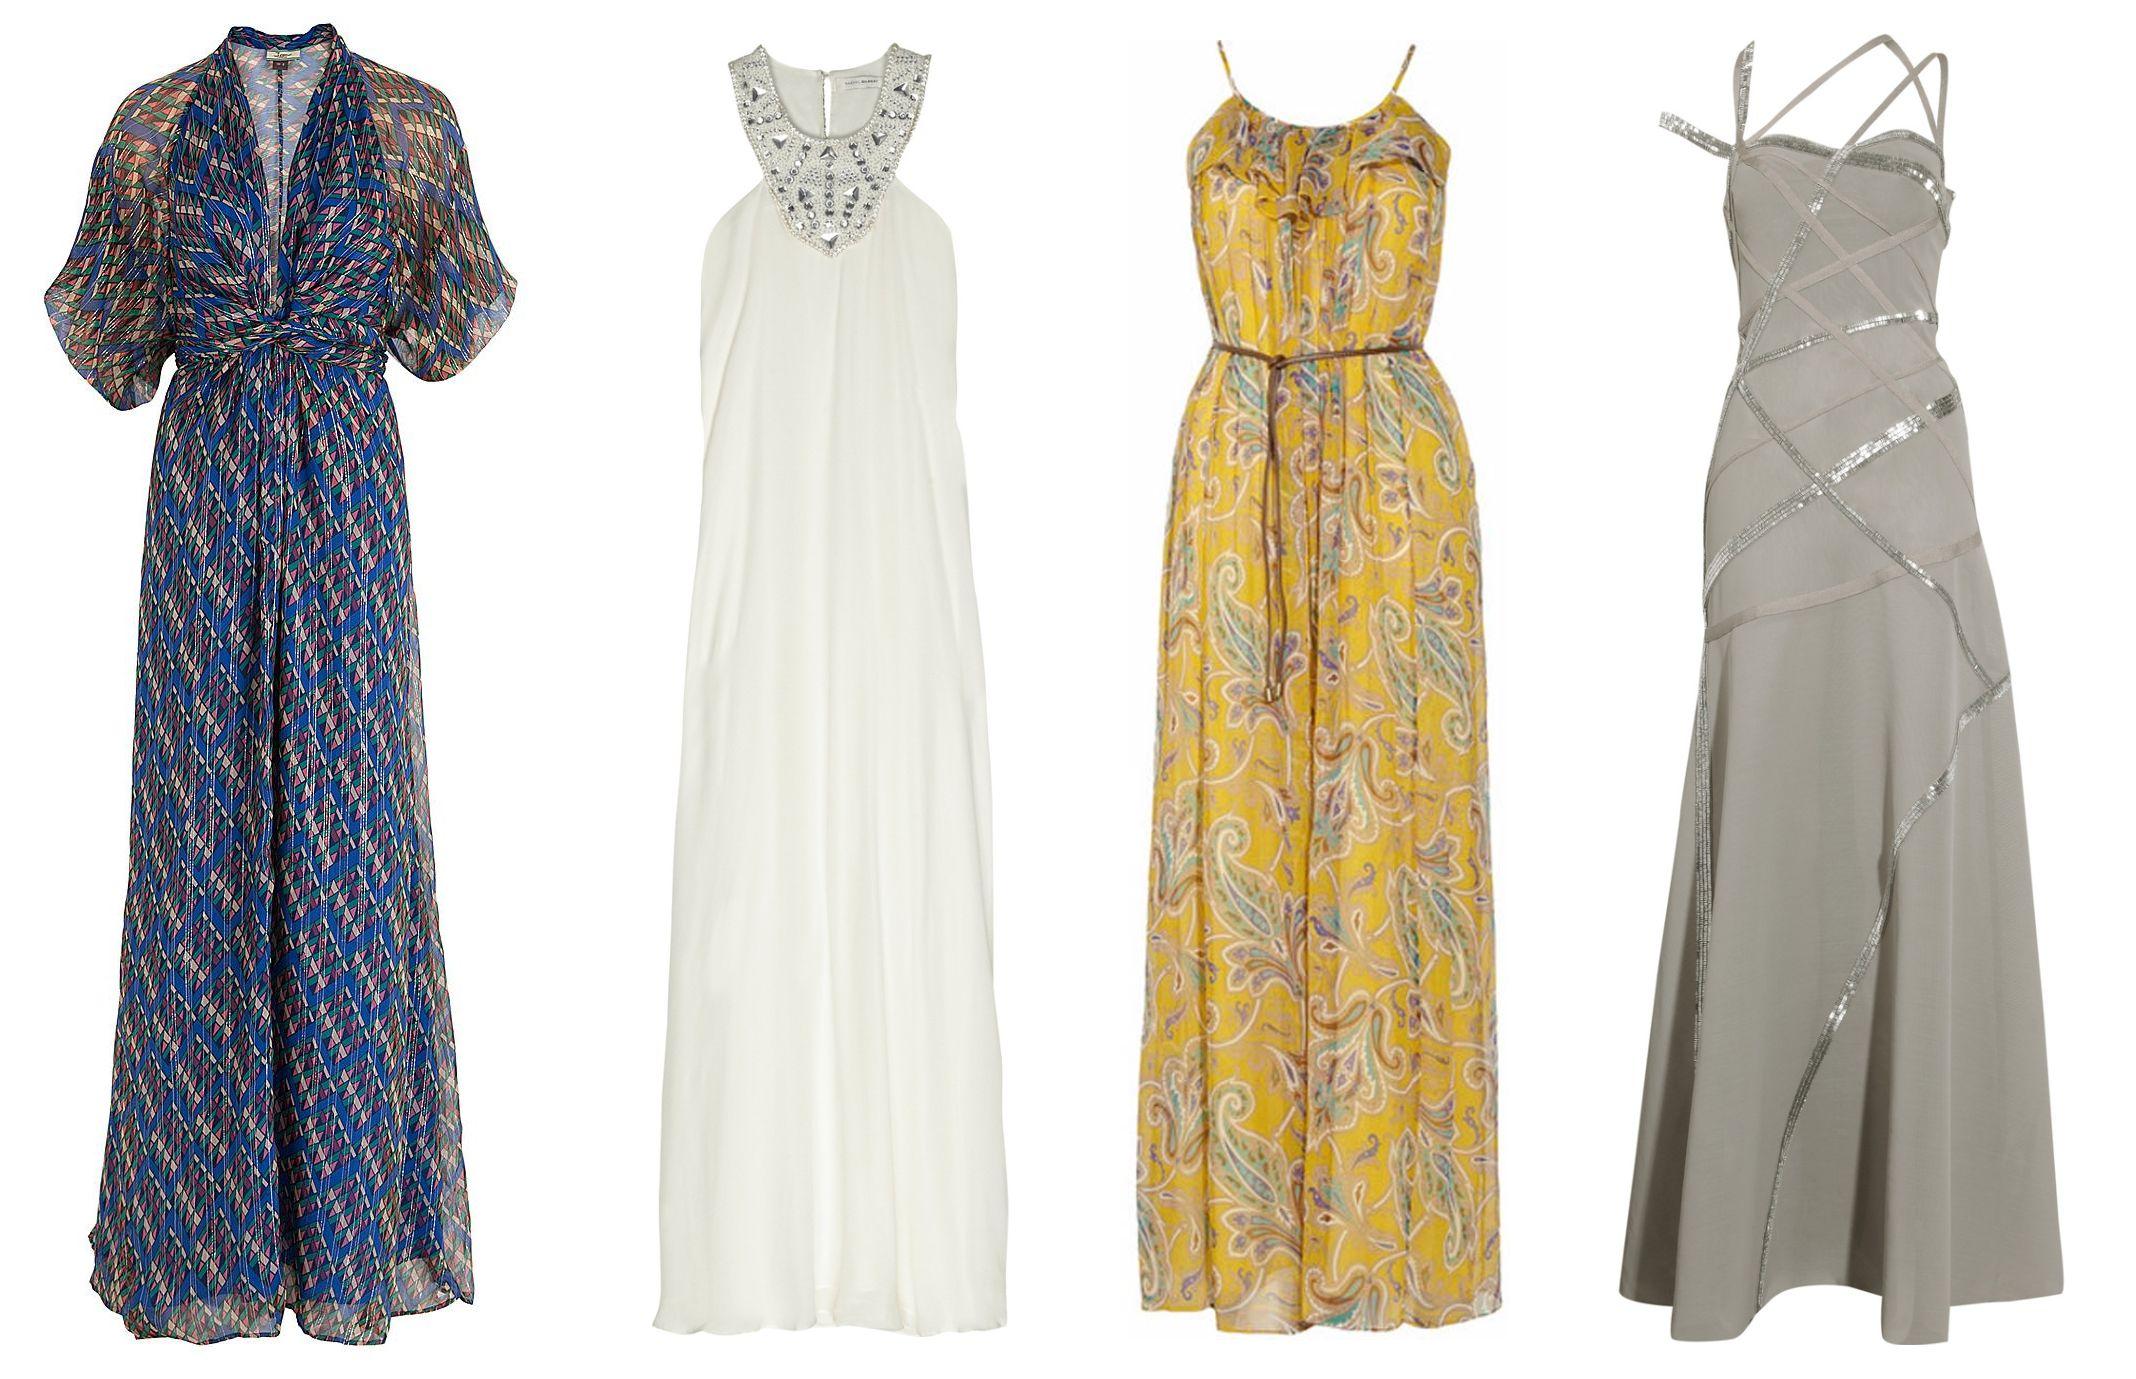 Недорогие и стильные платья